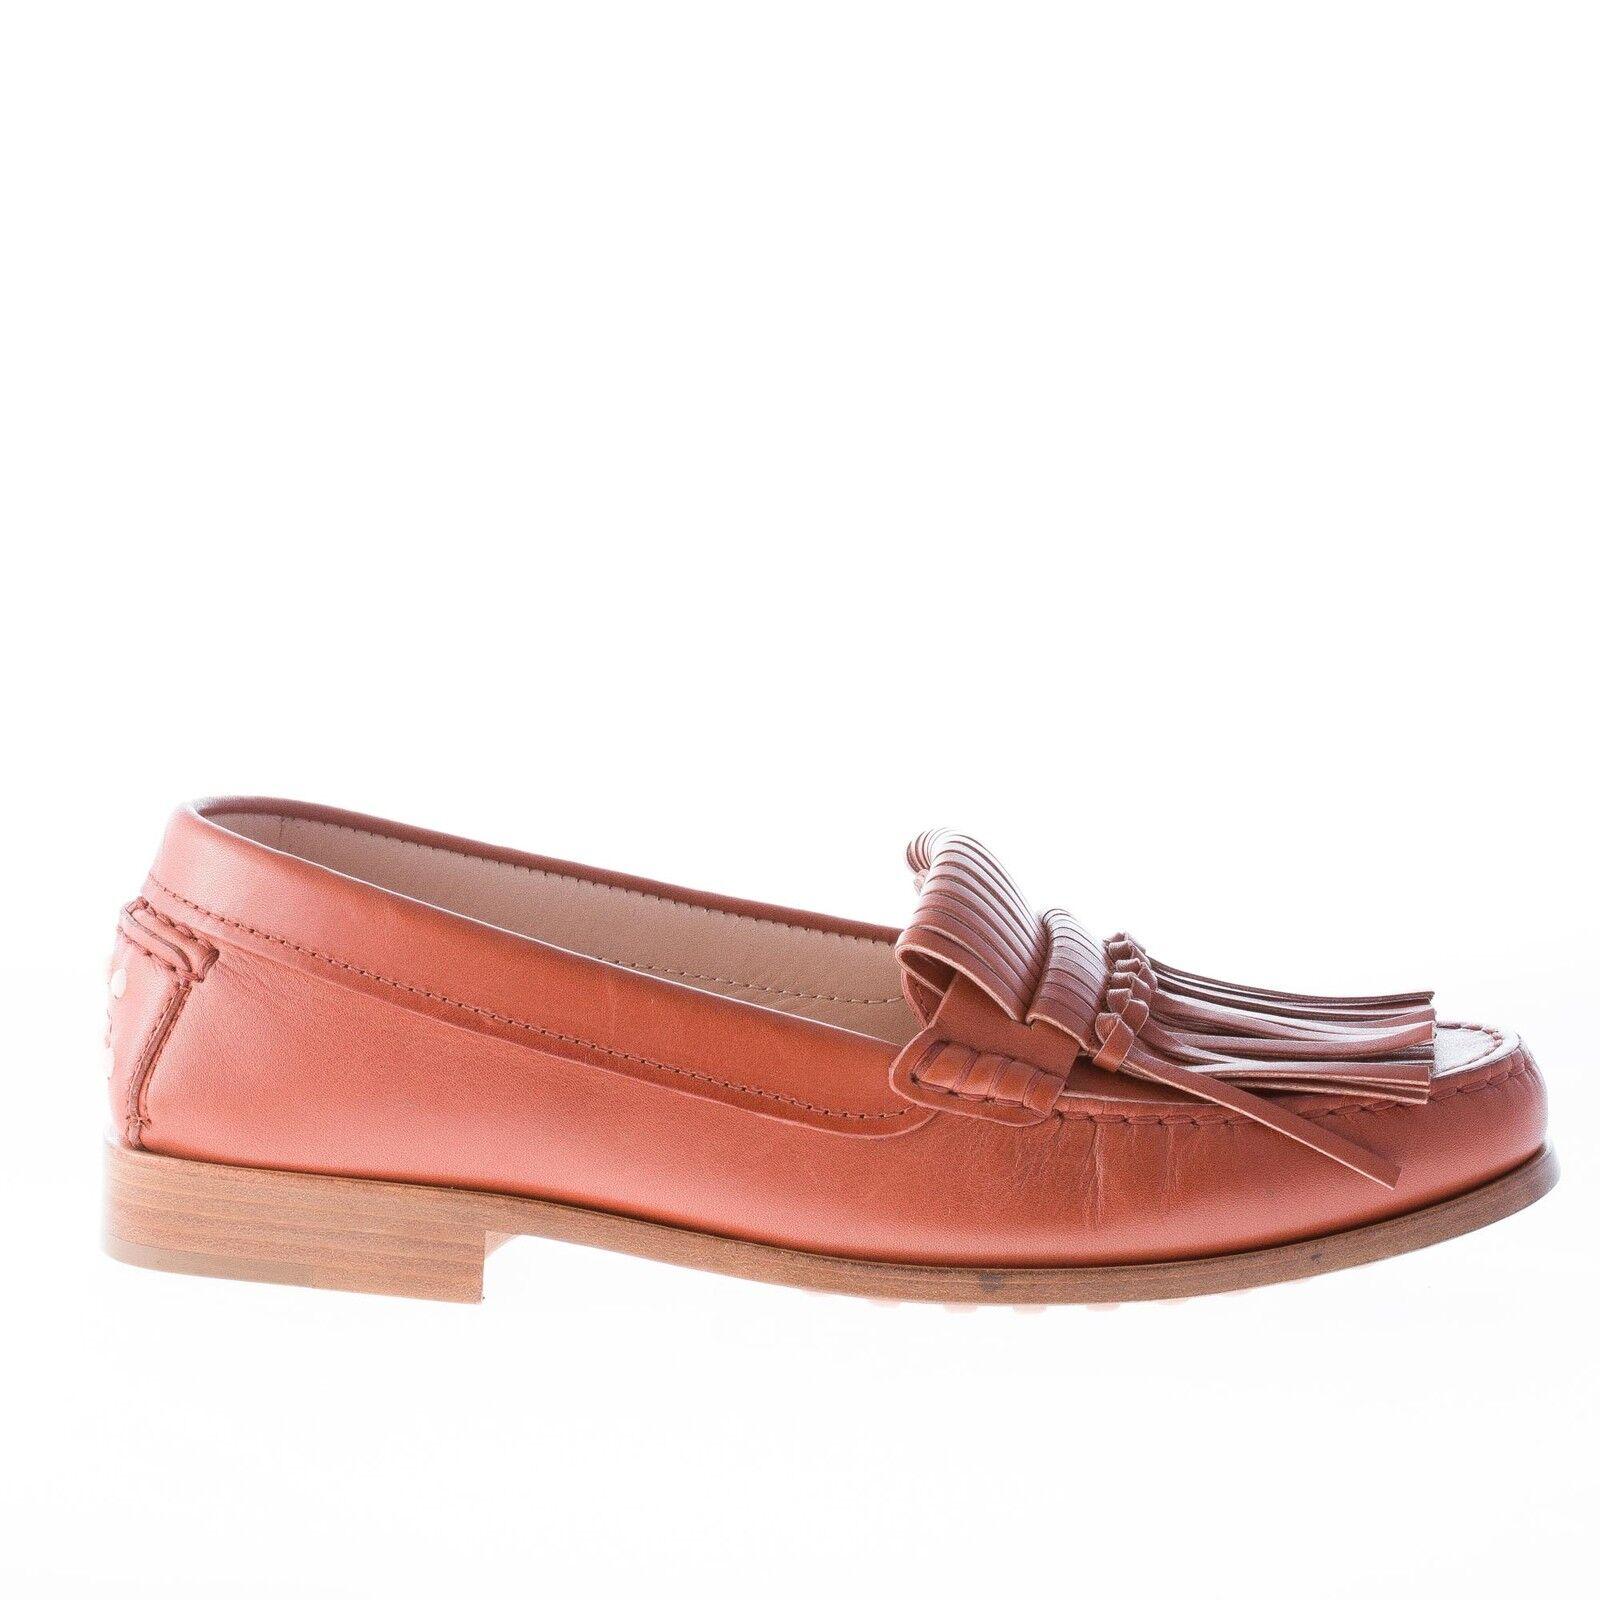 TOD'S scarpe donna donna donna Donna scarpe Mocassino in pelle cuoio con   253085